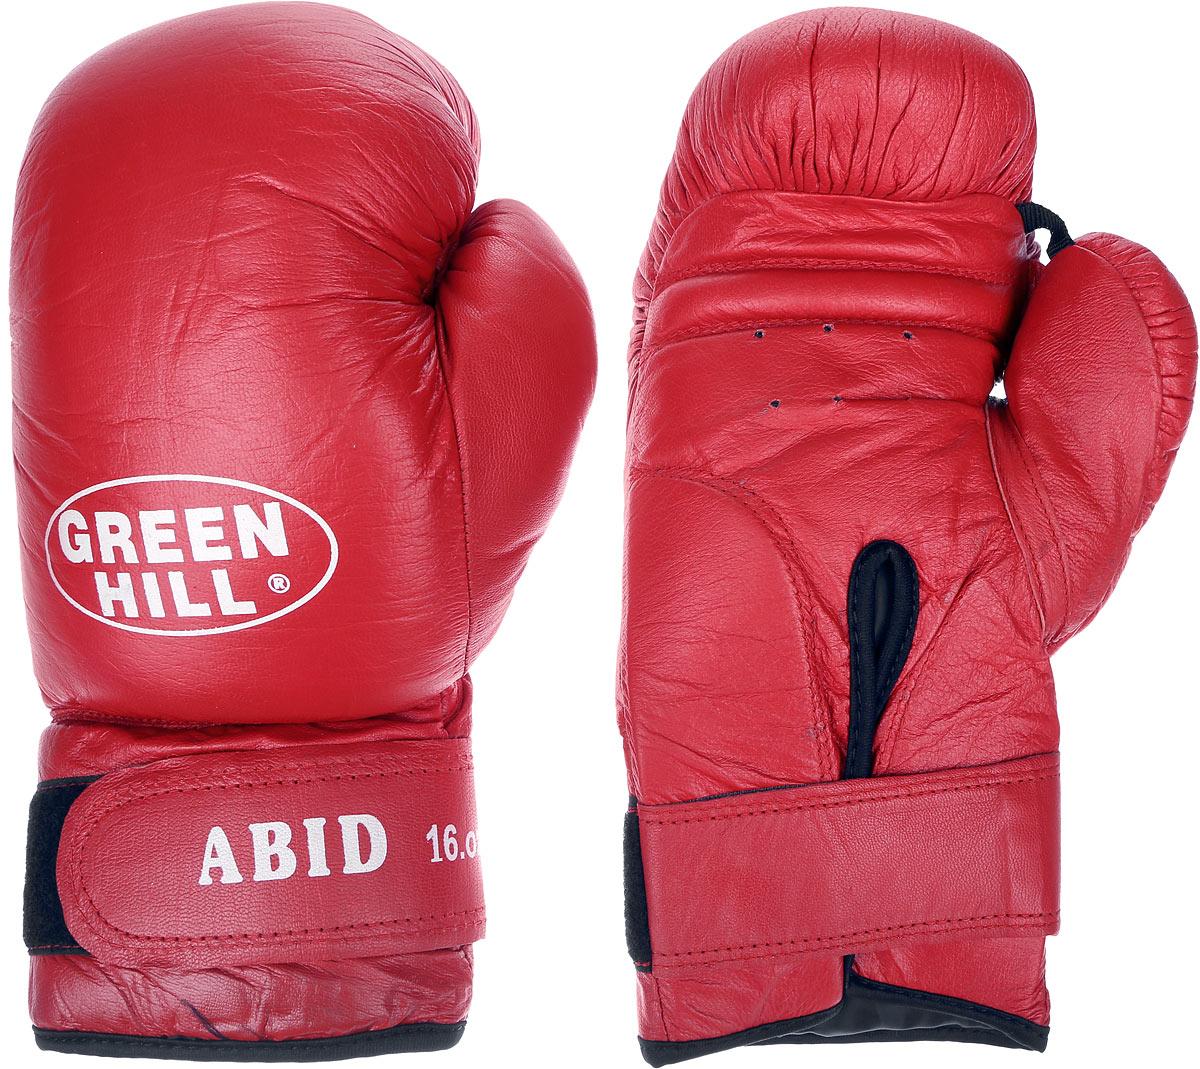 Перчатки боксерские Green Hill Abid, цвет: красный, белый. Вес 16 унцийBGA-2024Боксерские тренировочные перчатки Green Hill Abid выполнены из натуральной кожи. Они отлично подойдут для начинающих спортсменов. Мягкий наполнитель из очеса предотвращает любые травмы. Отверстия в районе ладони обеспечивают вентиляцию. Широкий ремень, охватывая запястье, полностью оборачивается вокруг манжеты, благодаря чему создается дополнительная защита лучезапястного сустава от травмирования. Застежка на липучке способствует быстрому и удобному одеванию перчаток, плотно фиксирует перчатки на руке.